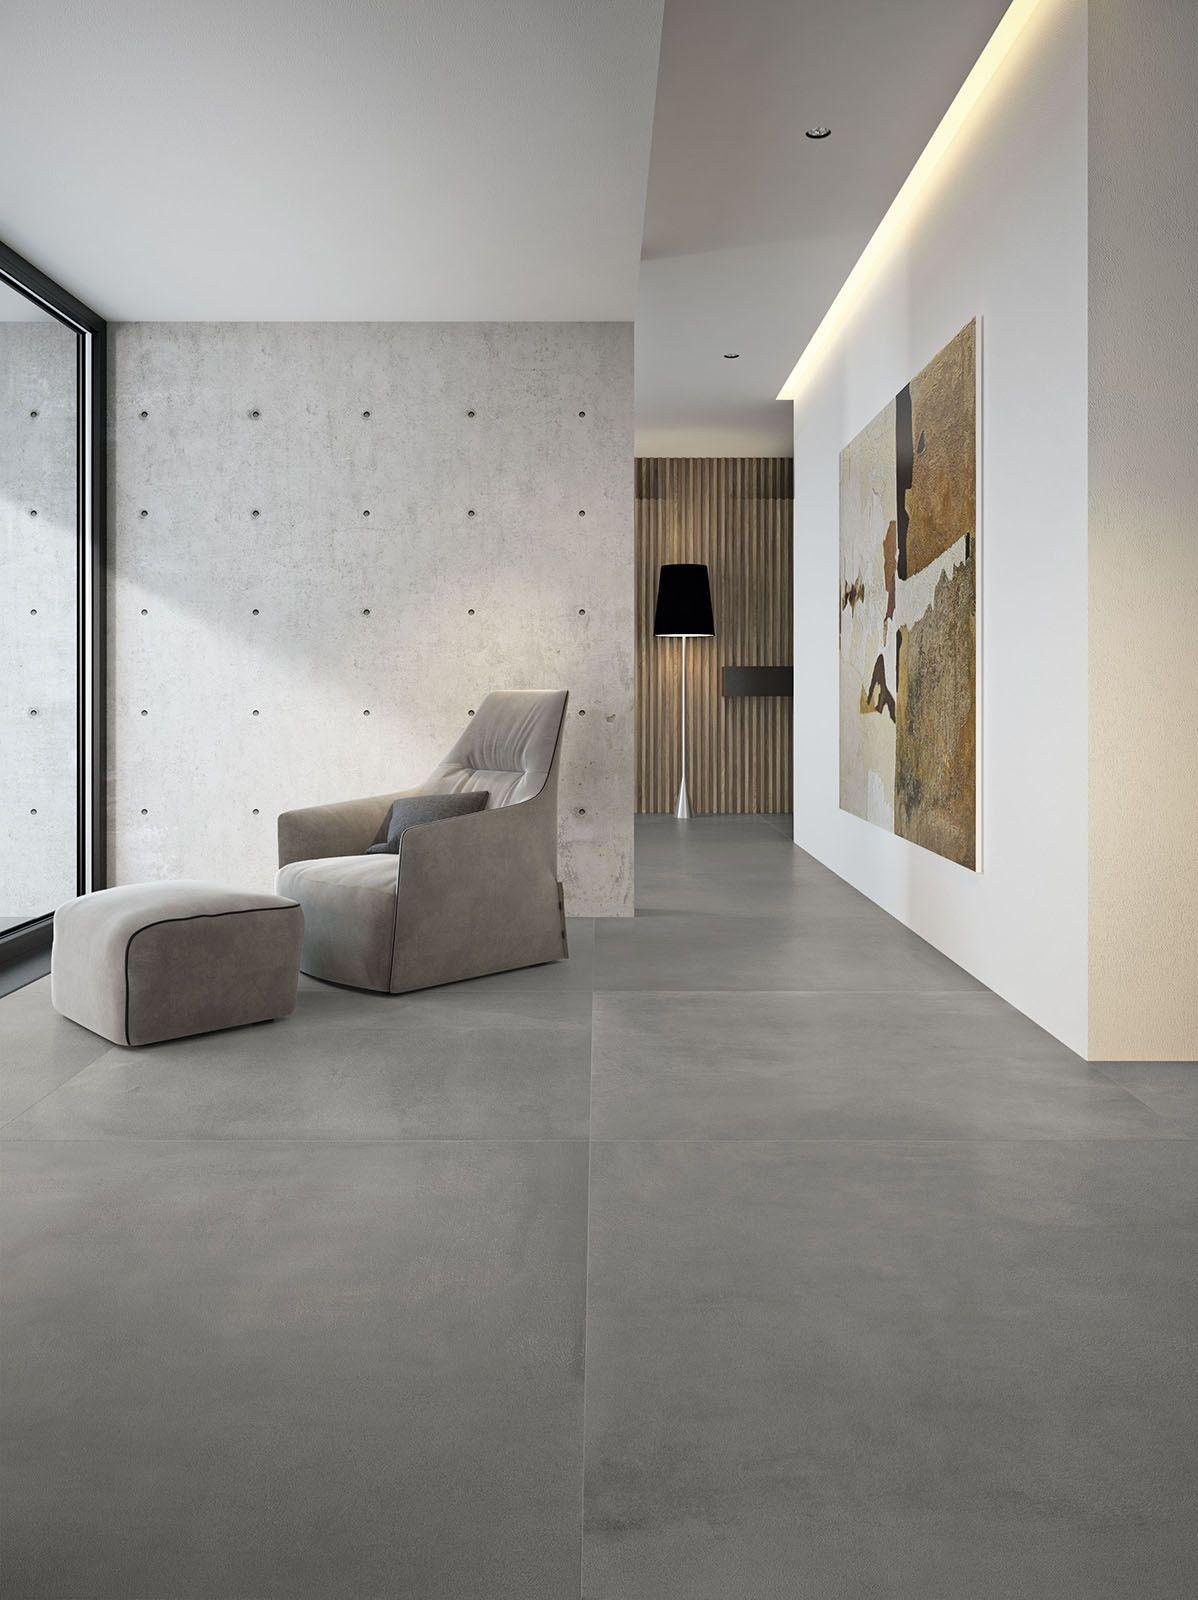 grande concrete look ceramic tiles